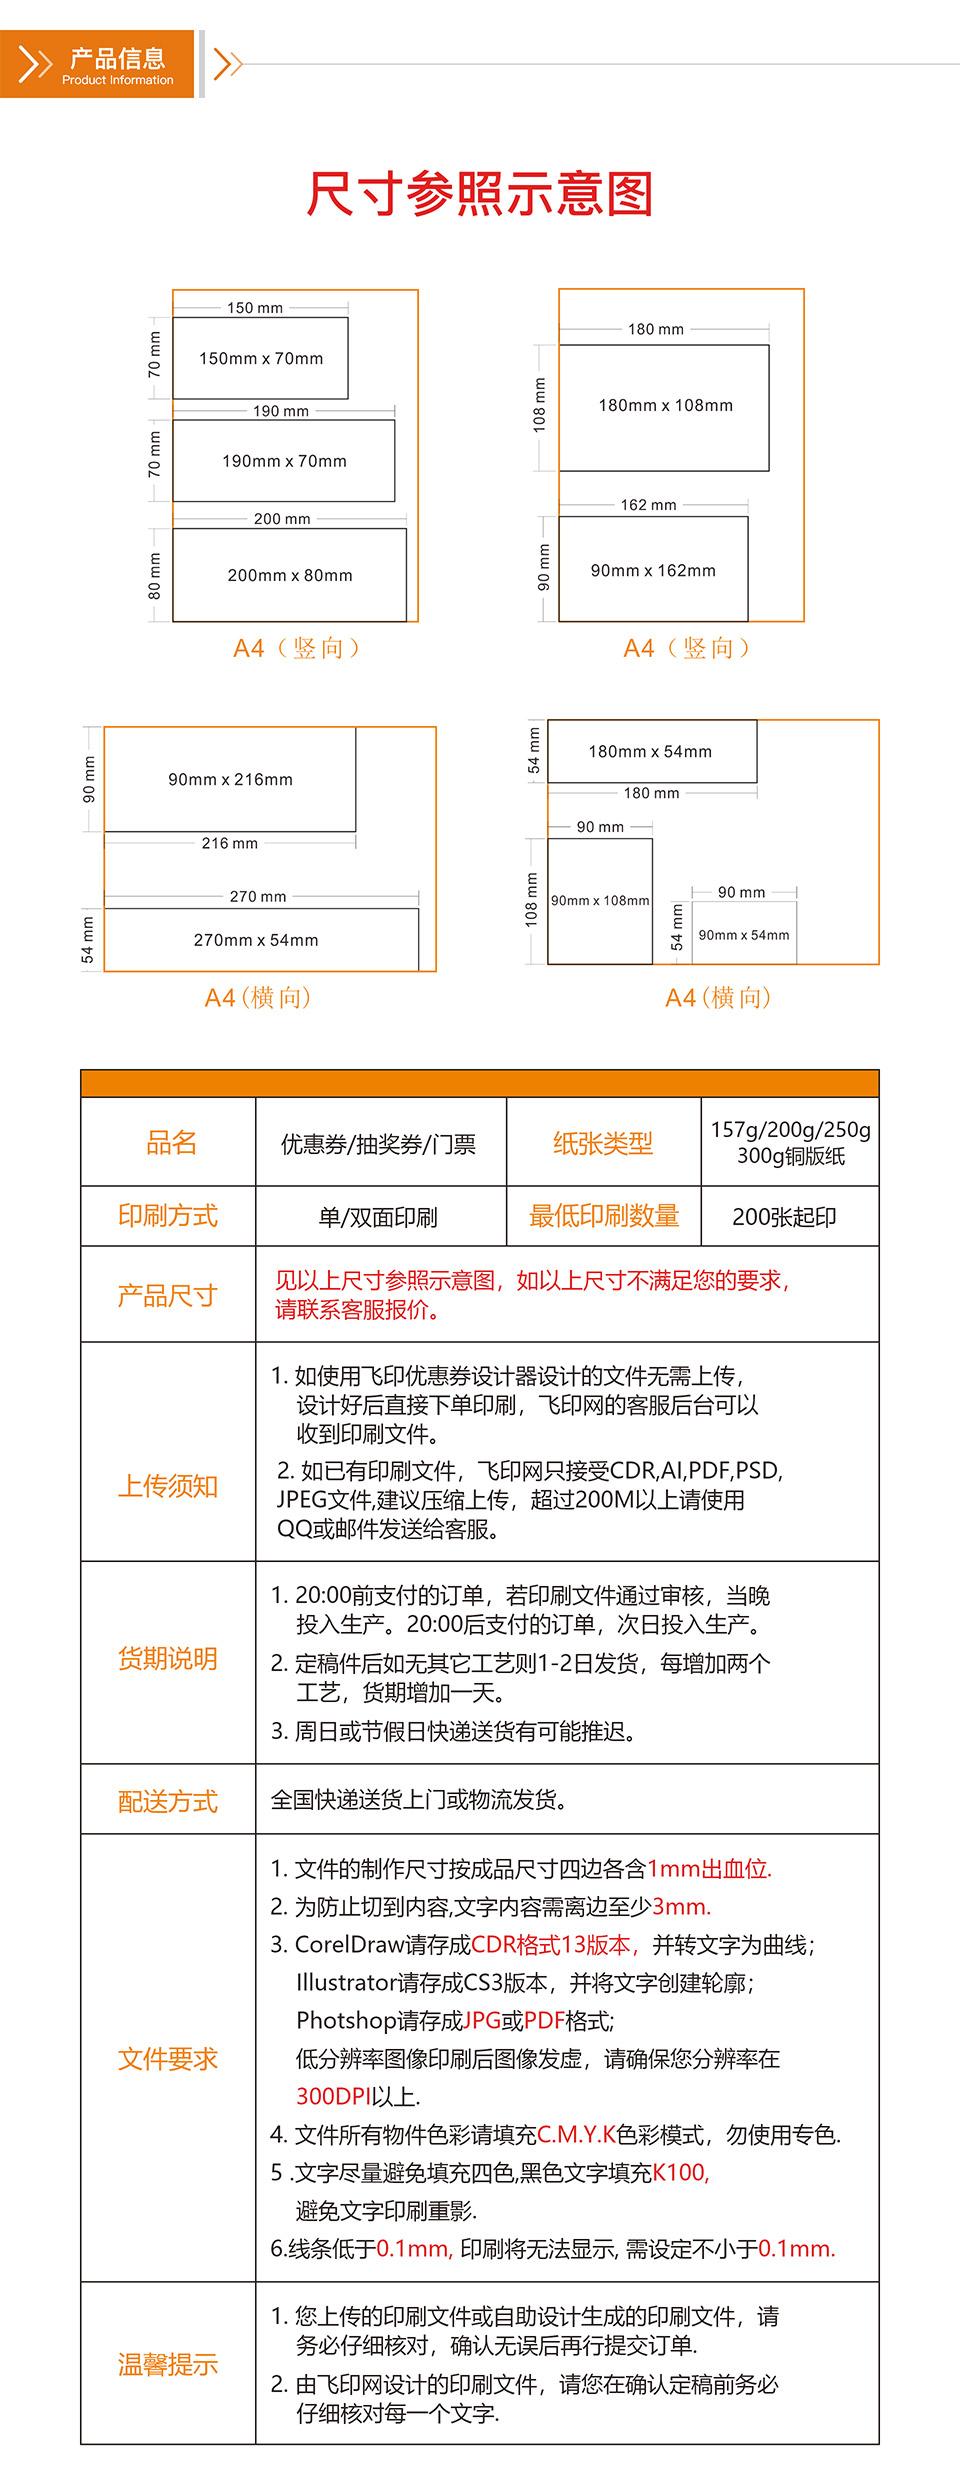 飞印网门票印刷,优惠券印刷,抽奖券印刷产品展示